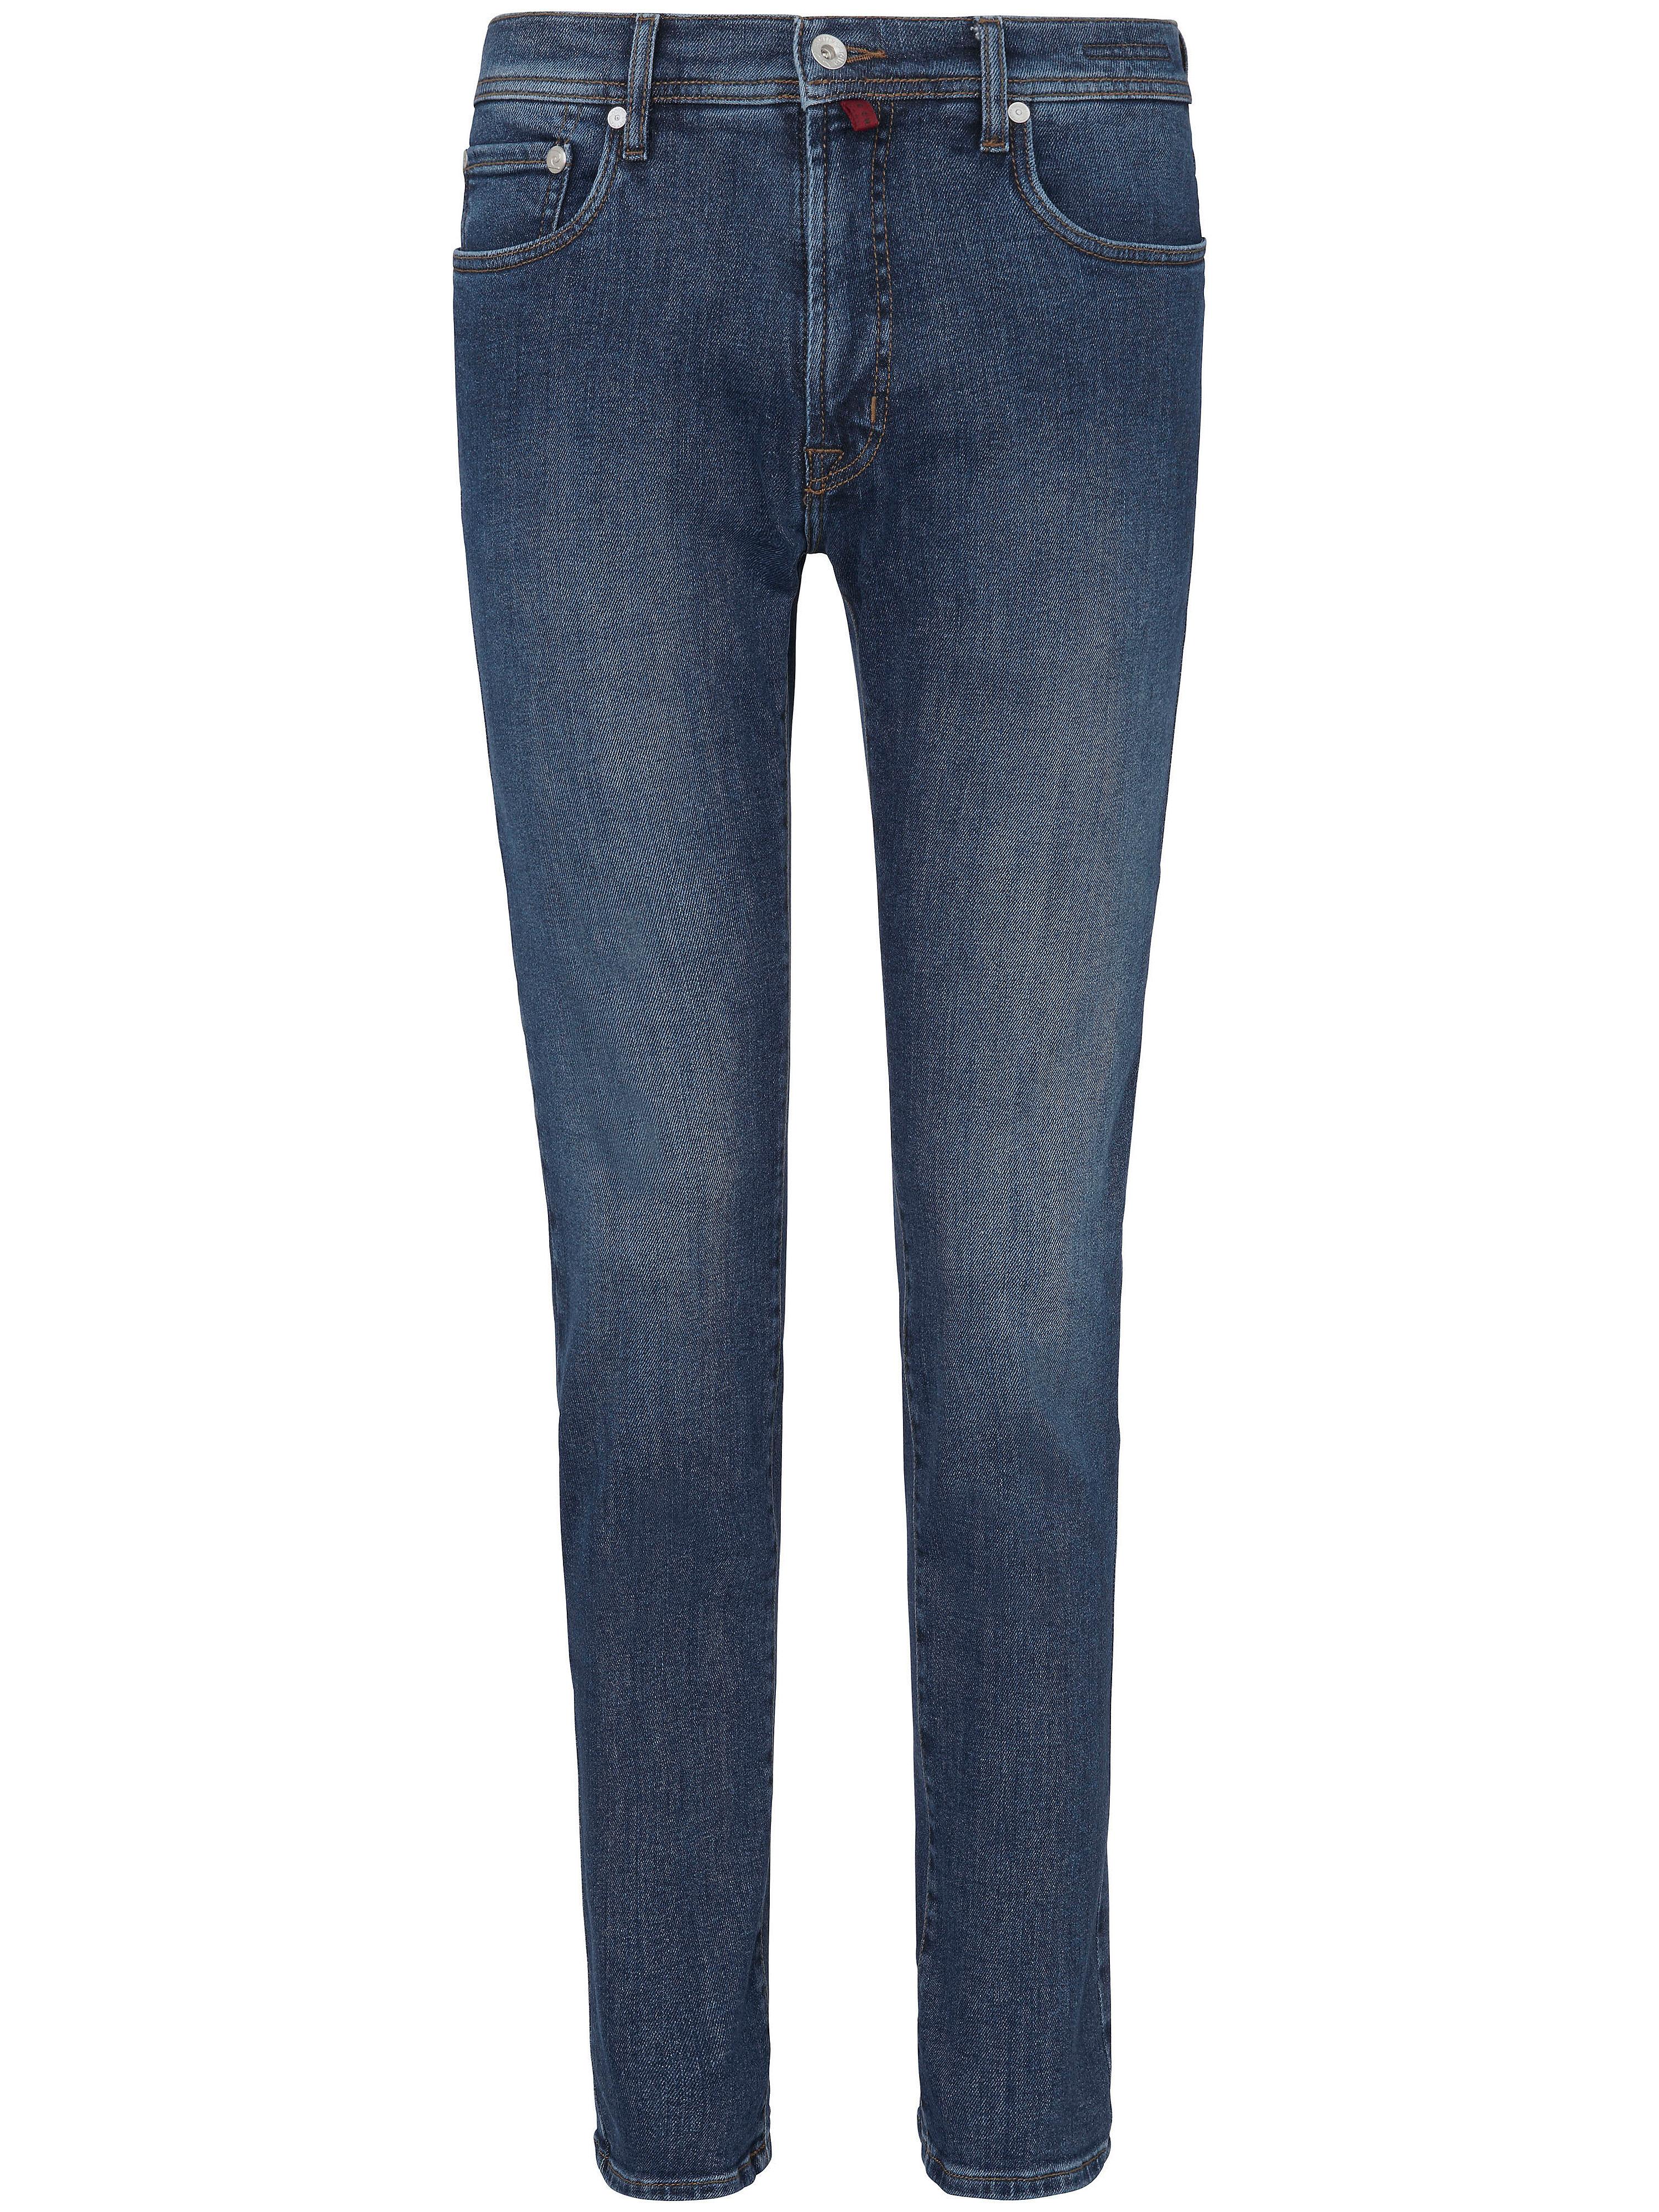 Jeans Modell Lyon Pierre Cardin denim